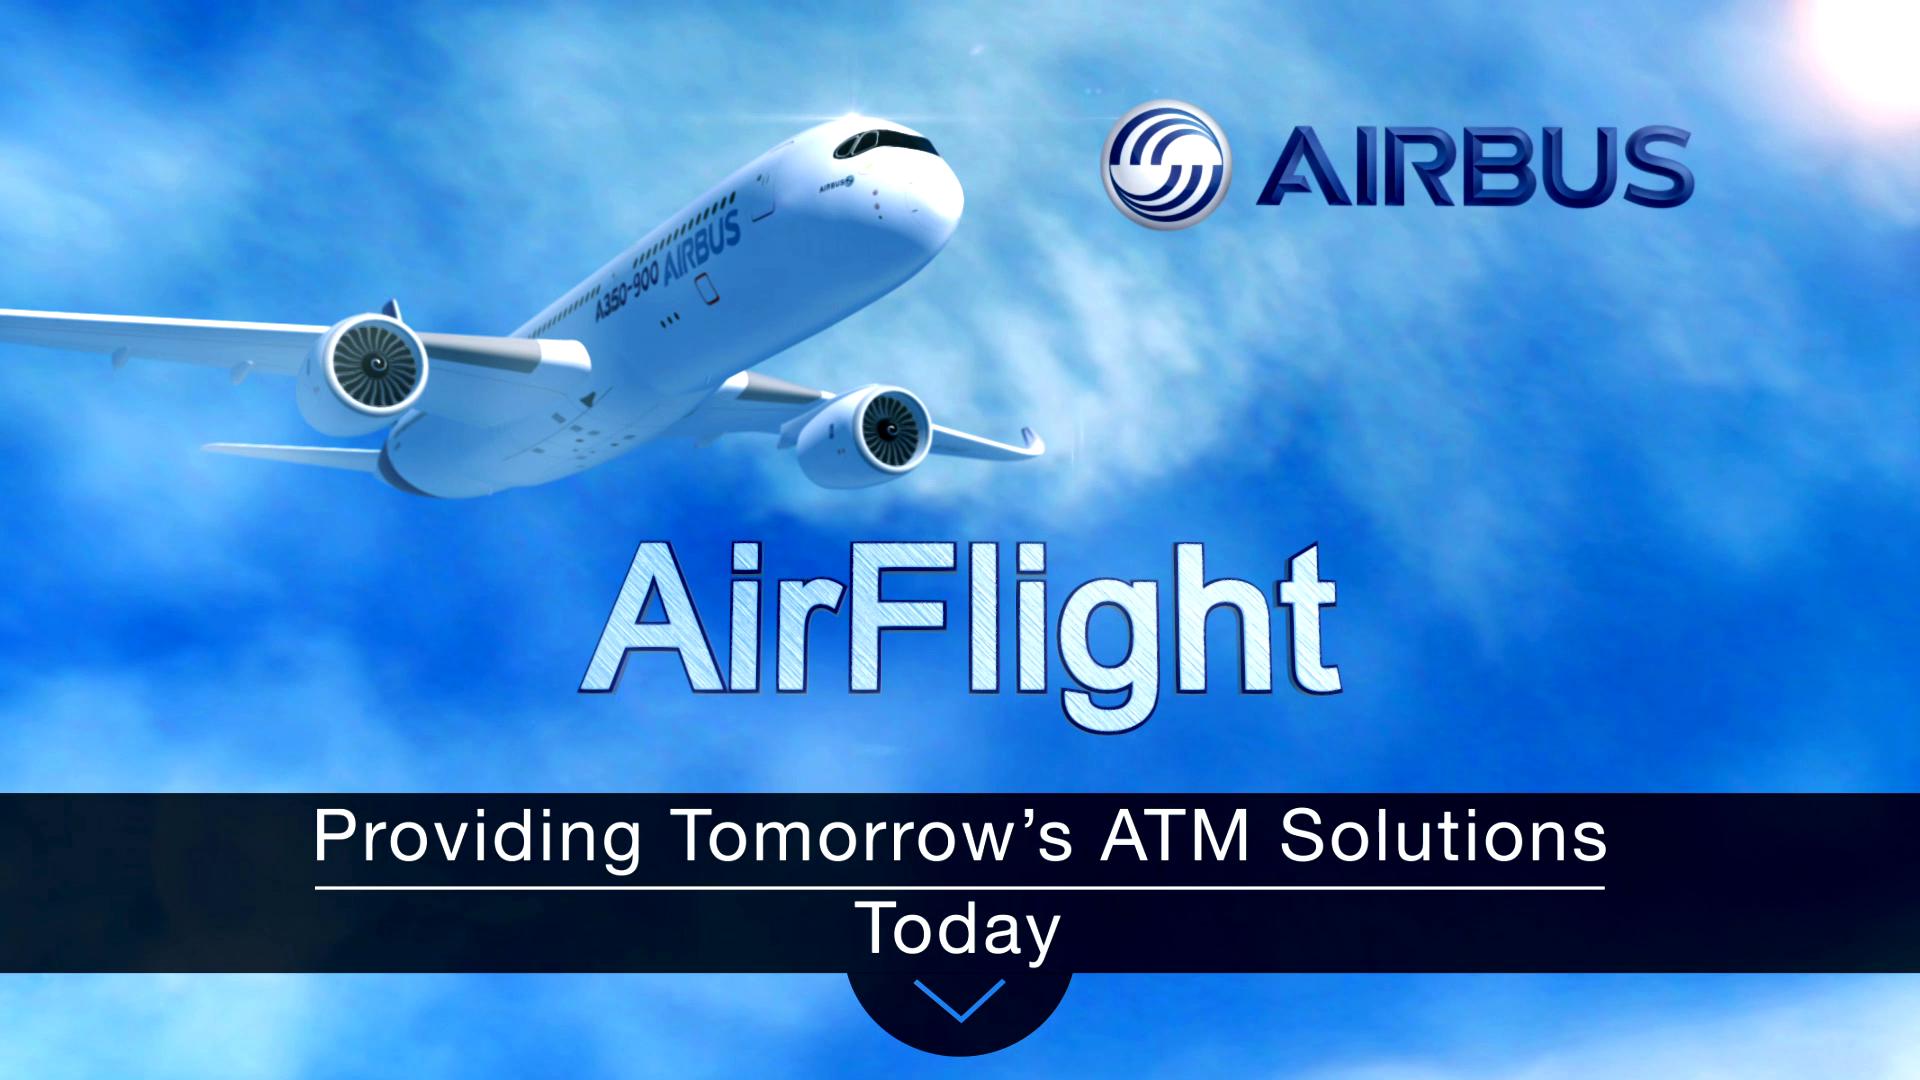 Film corporate Airbus AirFlight